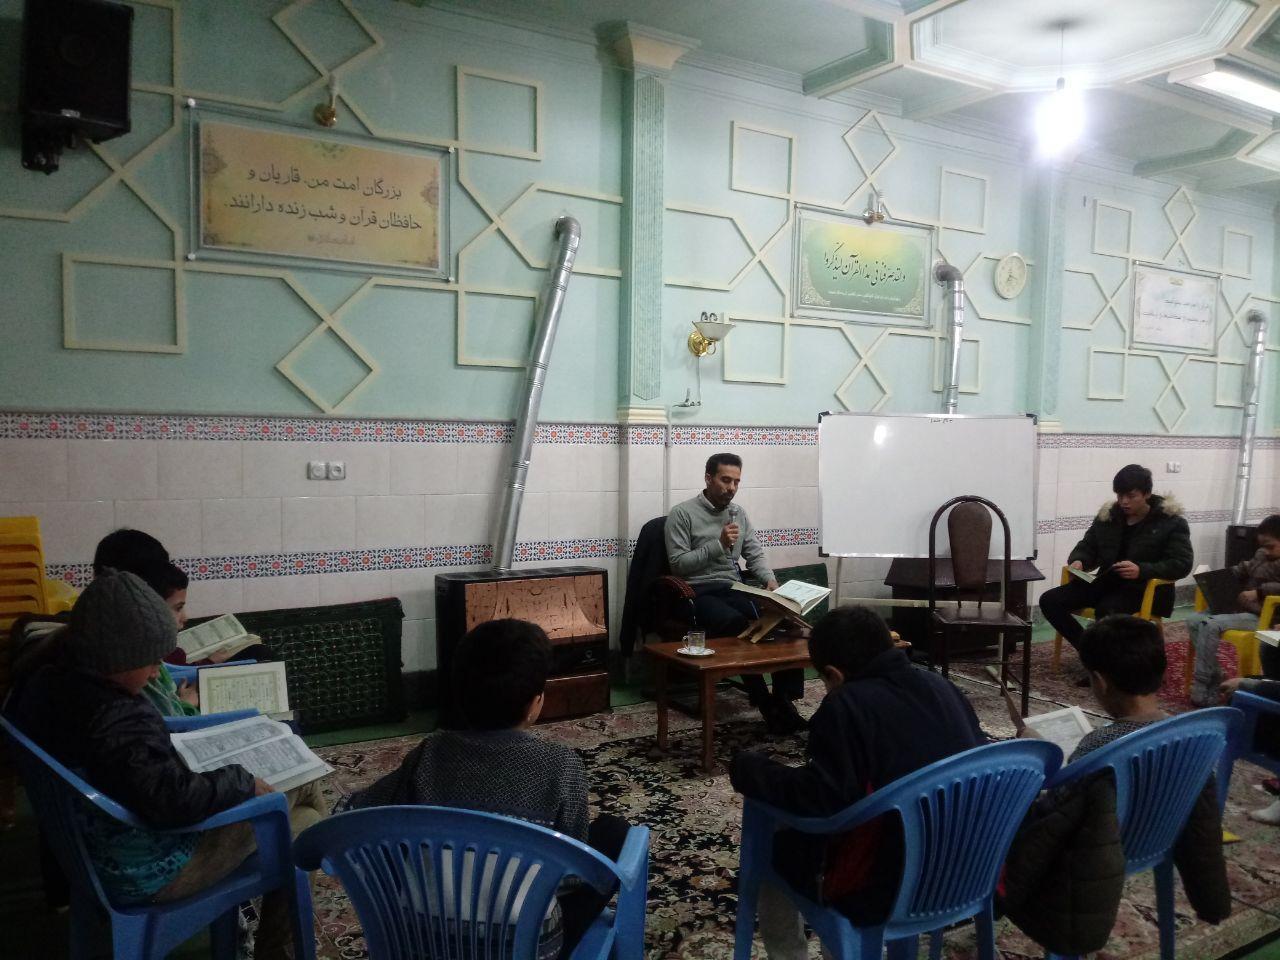 تشکیل اولین کلاس روخوانی مقدماتی نوجوان با حضور استاد حامد نورانی